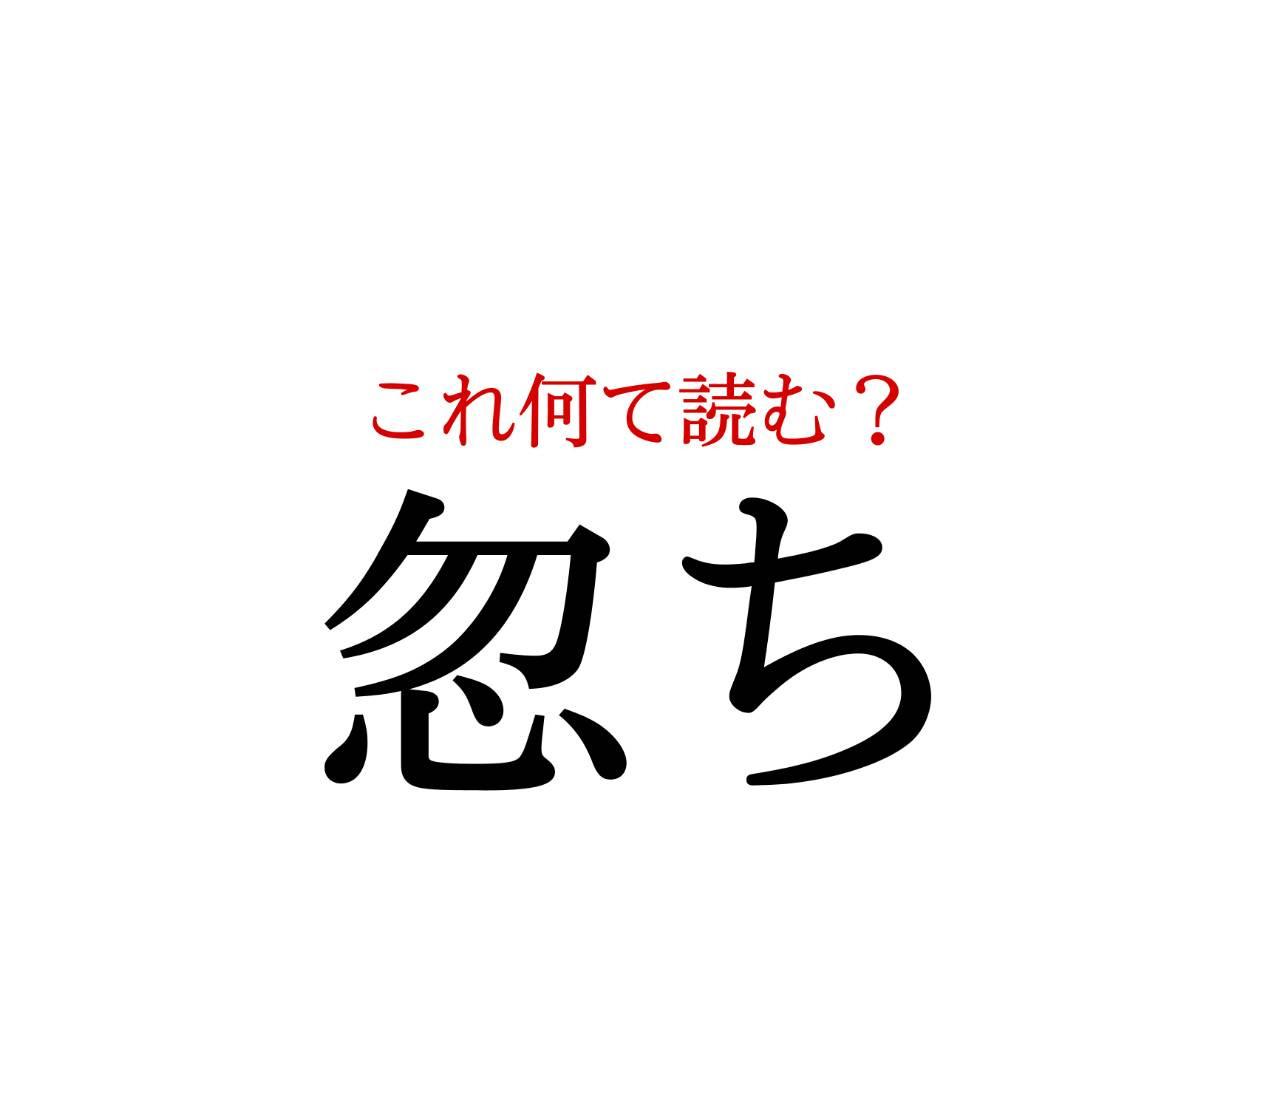 「忽ち」:この漢字、自信を持って読めますか?【働く大人の漢字クイズvol.223】